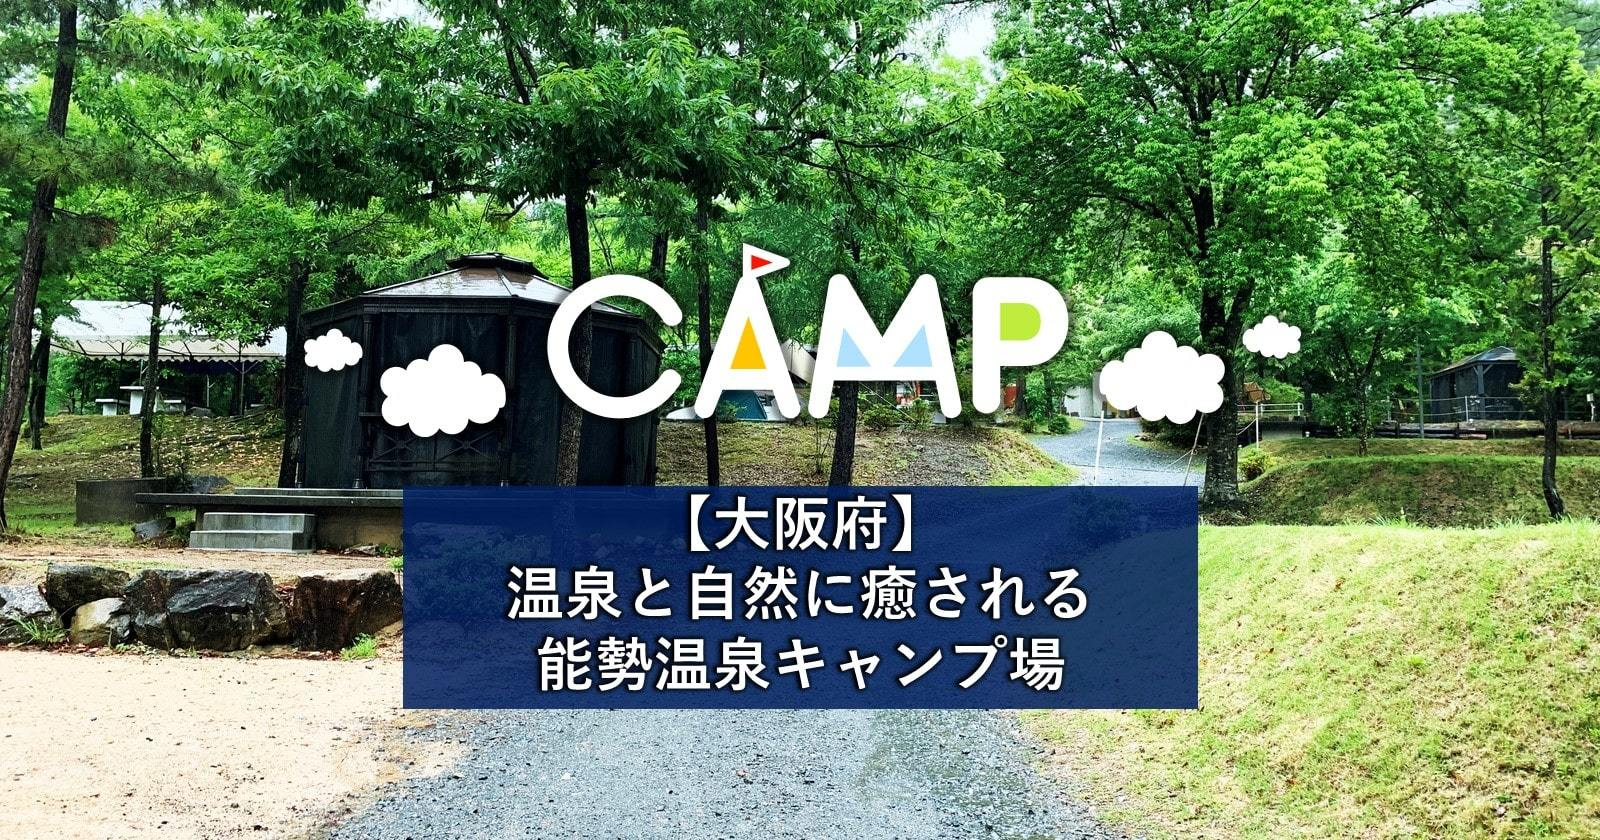 【大阪府】充実設備でアクセス良し!能勢温泉キャンプ場の3つの魅力|ニフティニュース